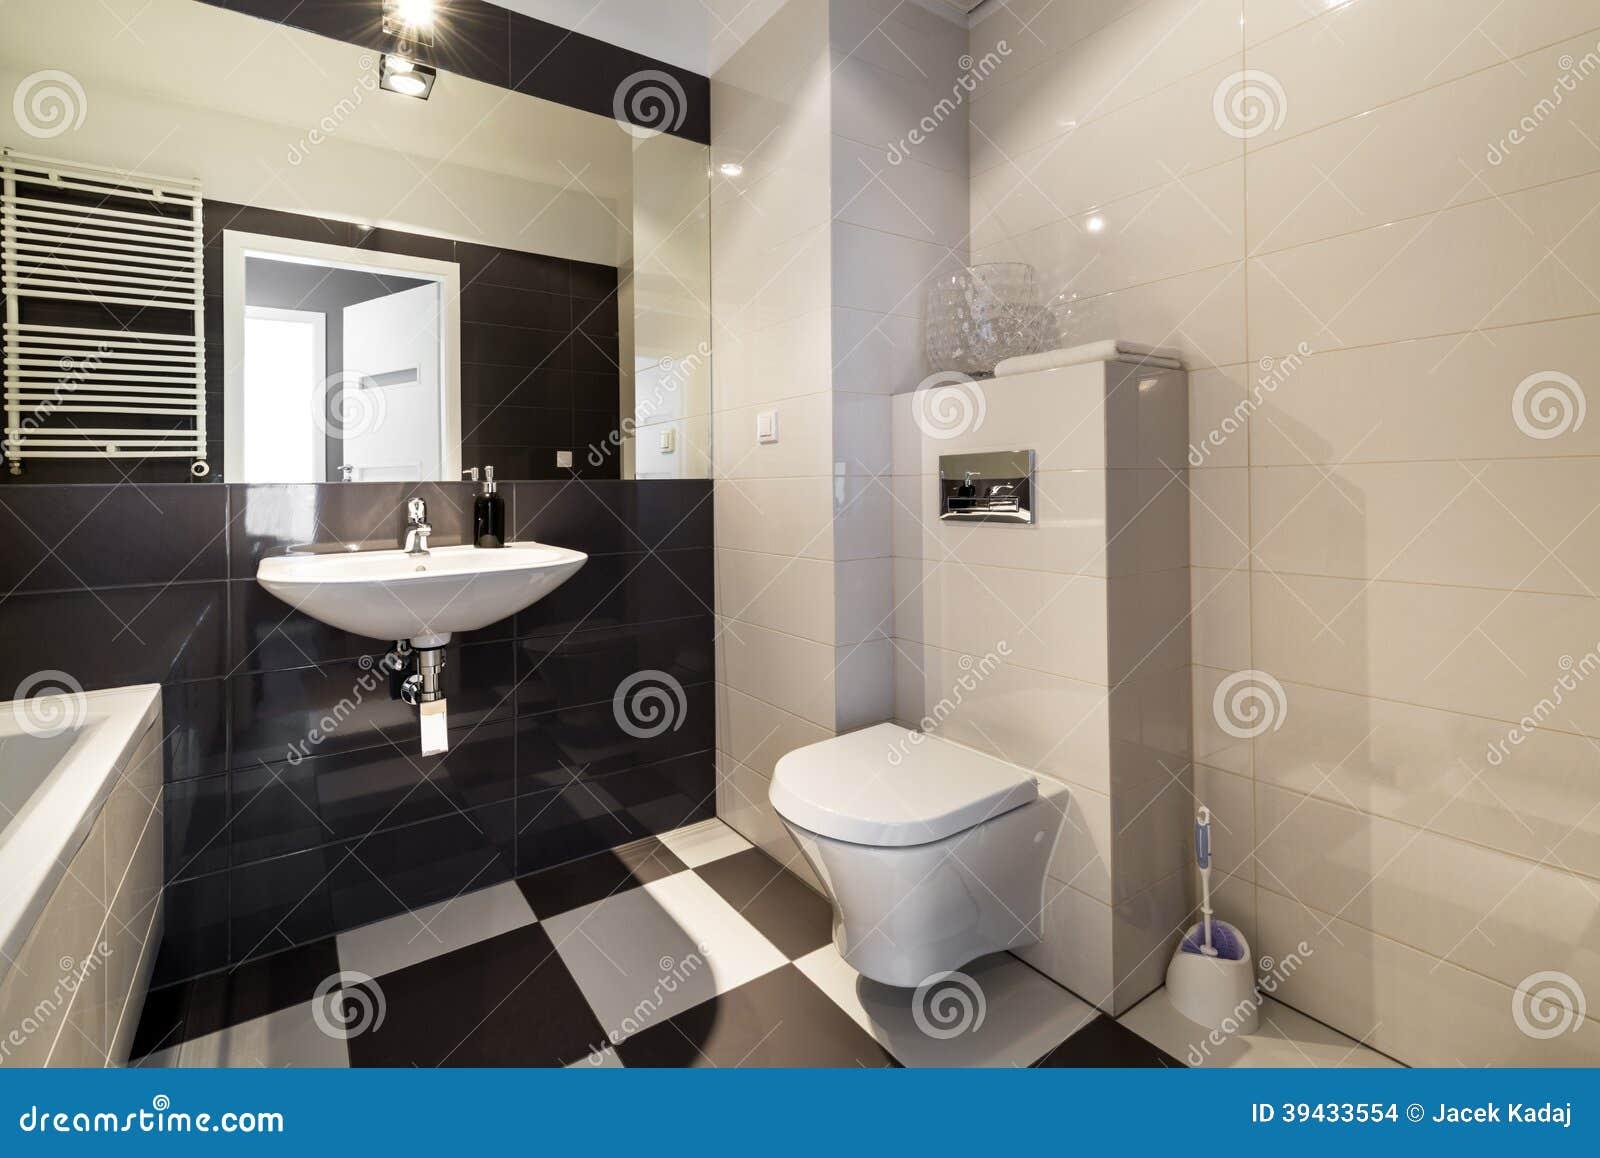 Salle De Bains Moderne Dans La Couleur Beige Photo stock - Image du ...